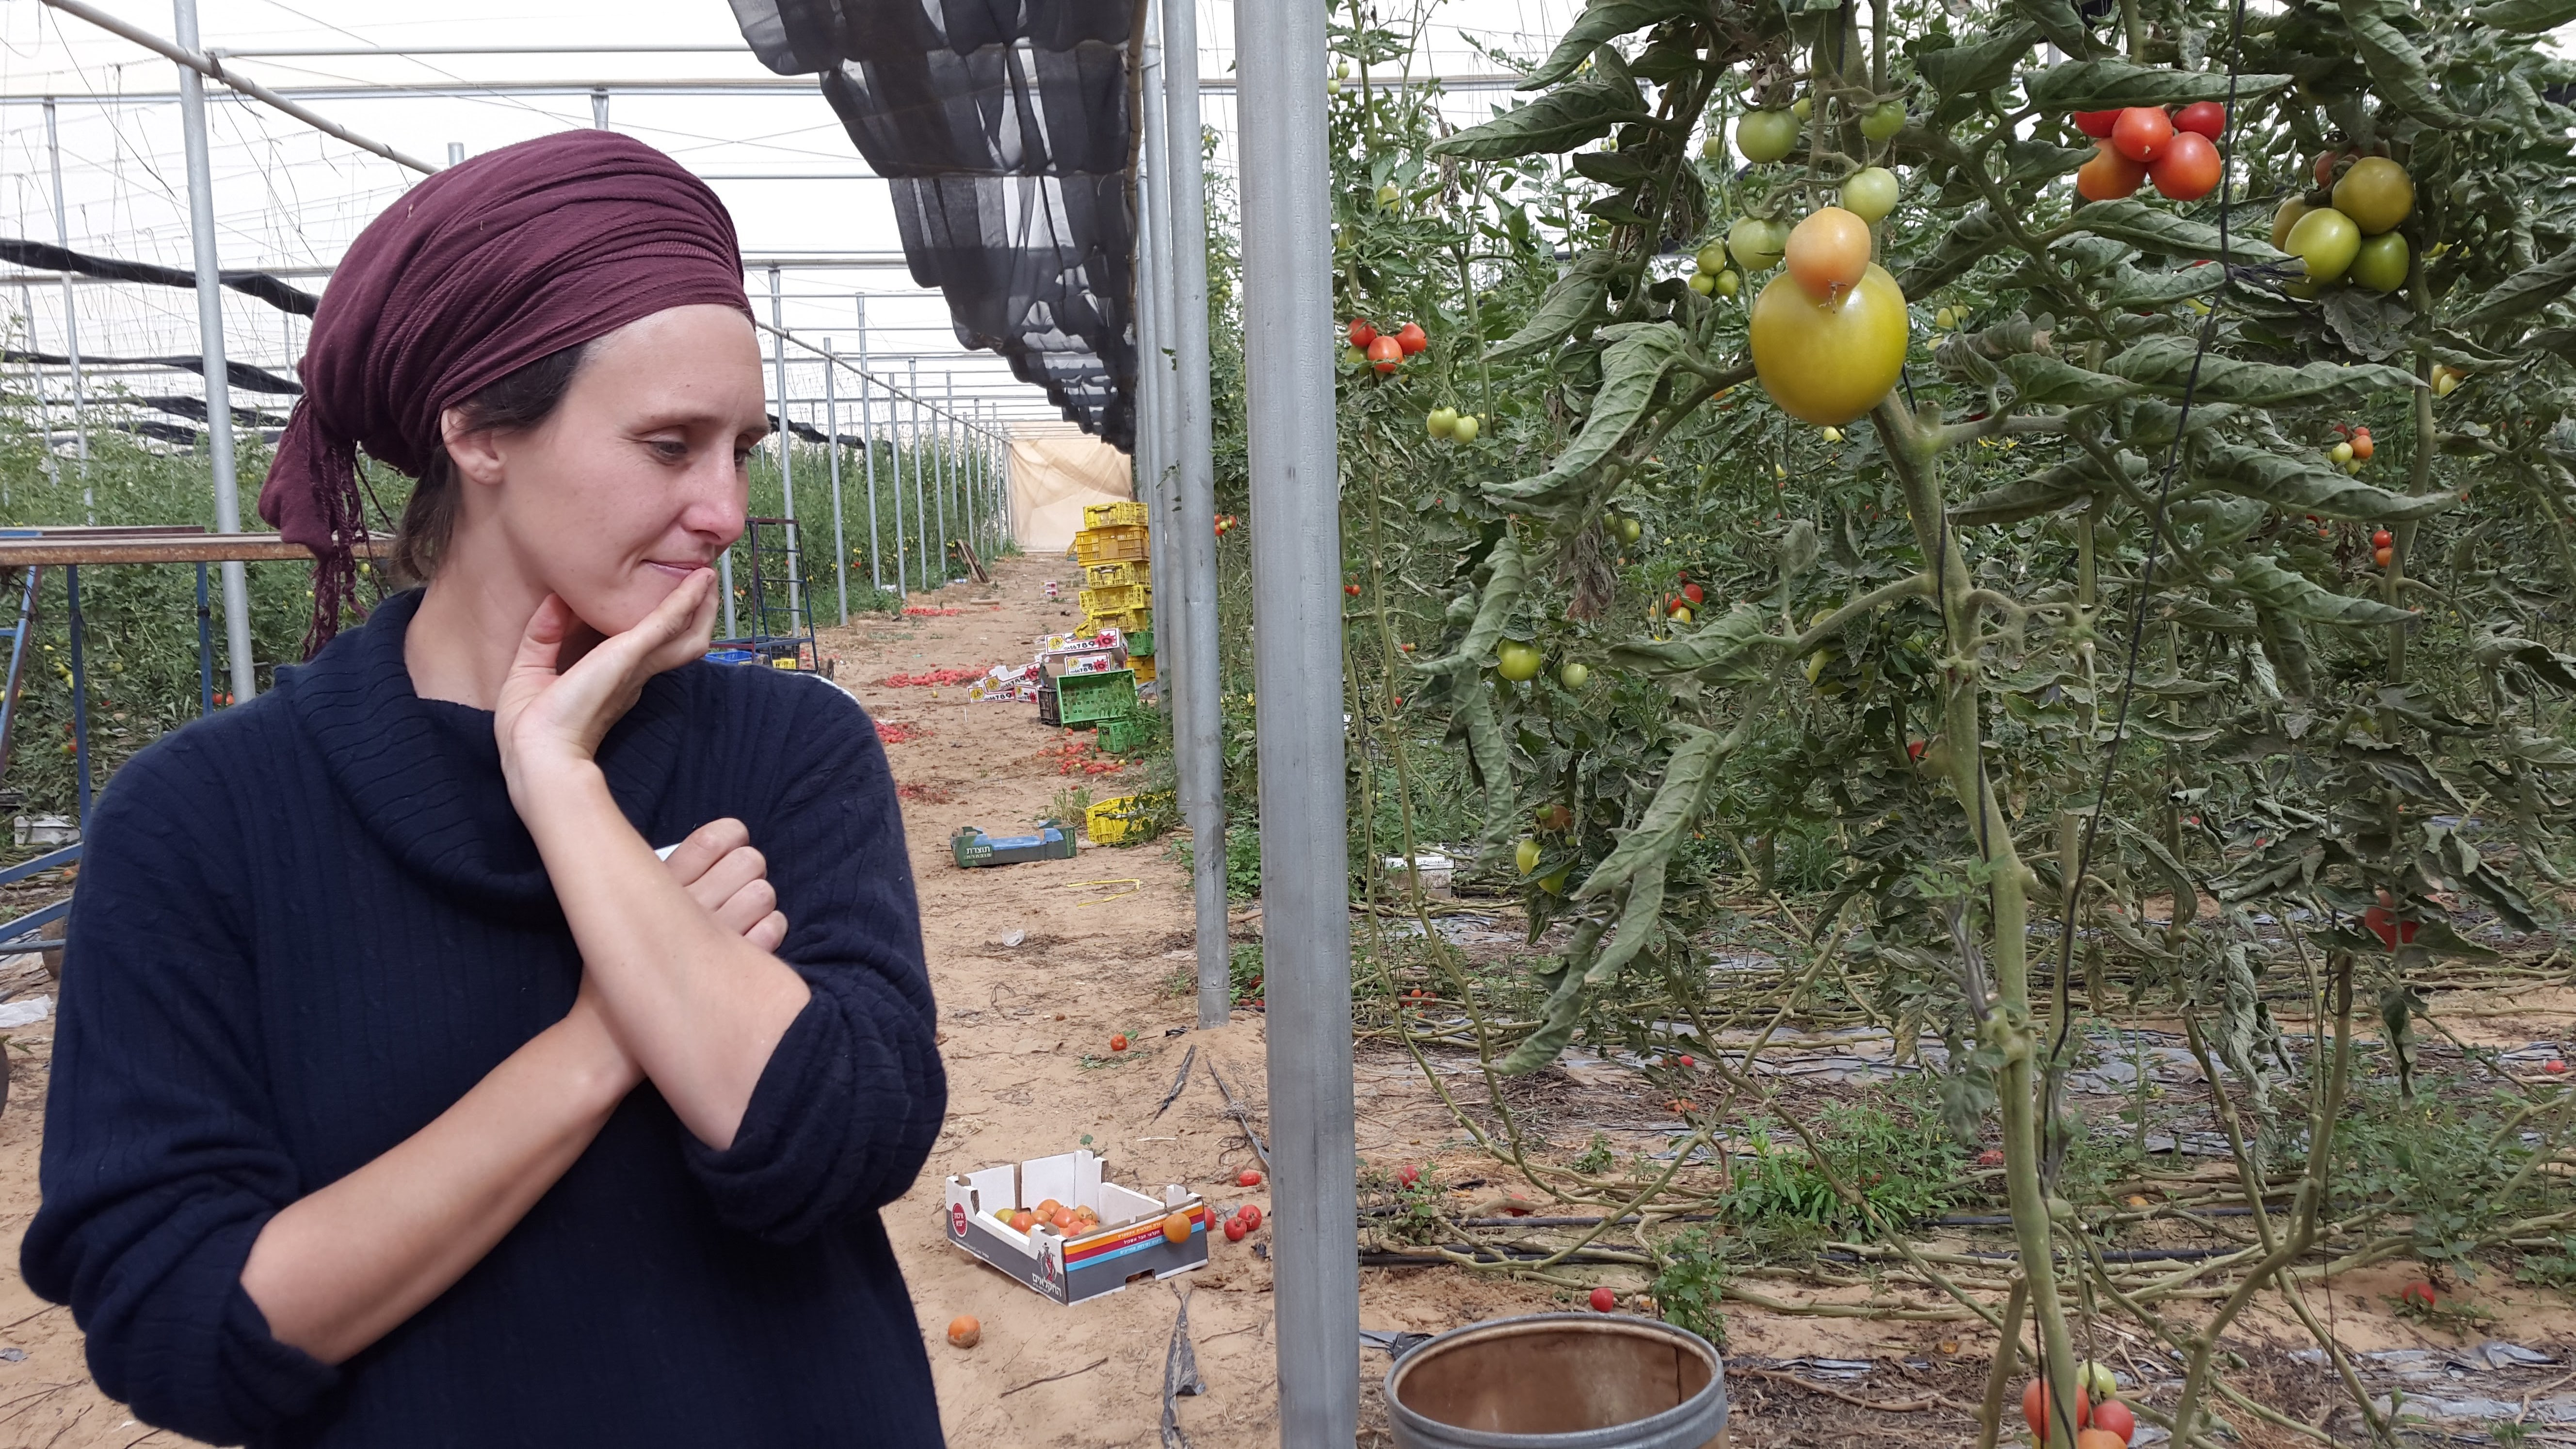 Keren Kayemet, 70 años de la mano con el Estado de Israel